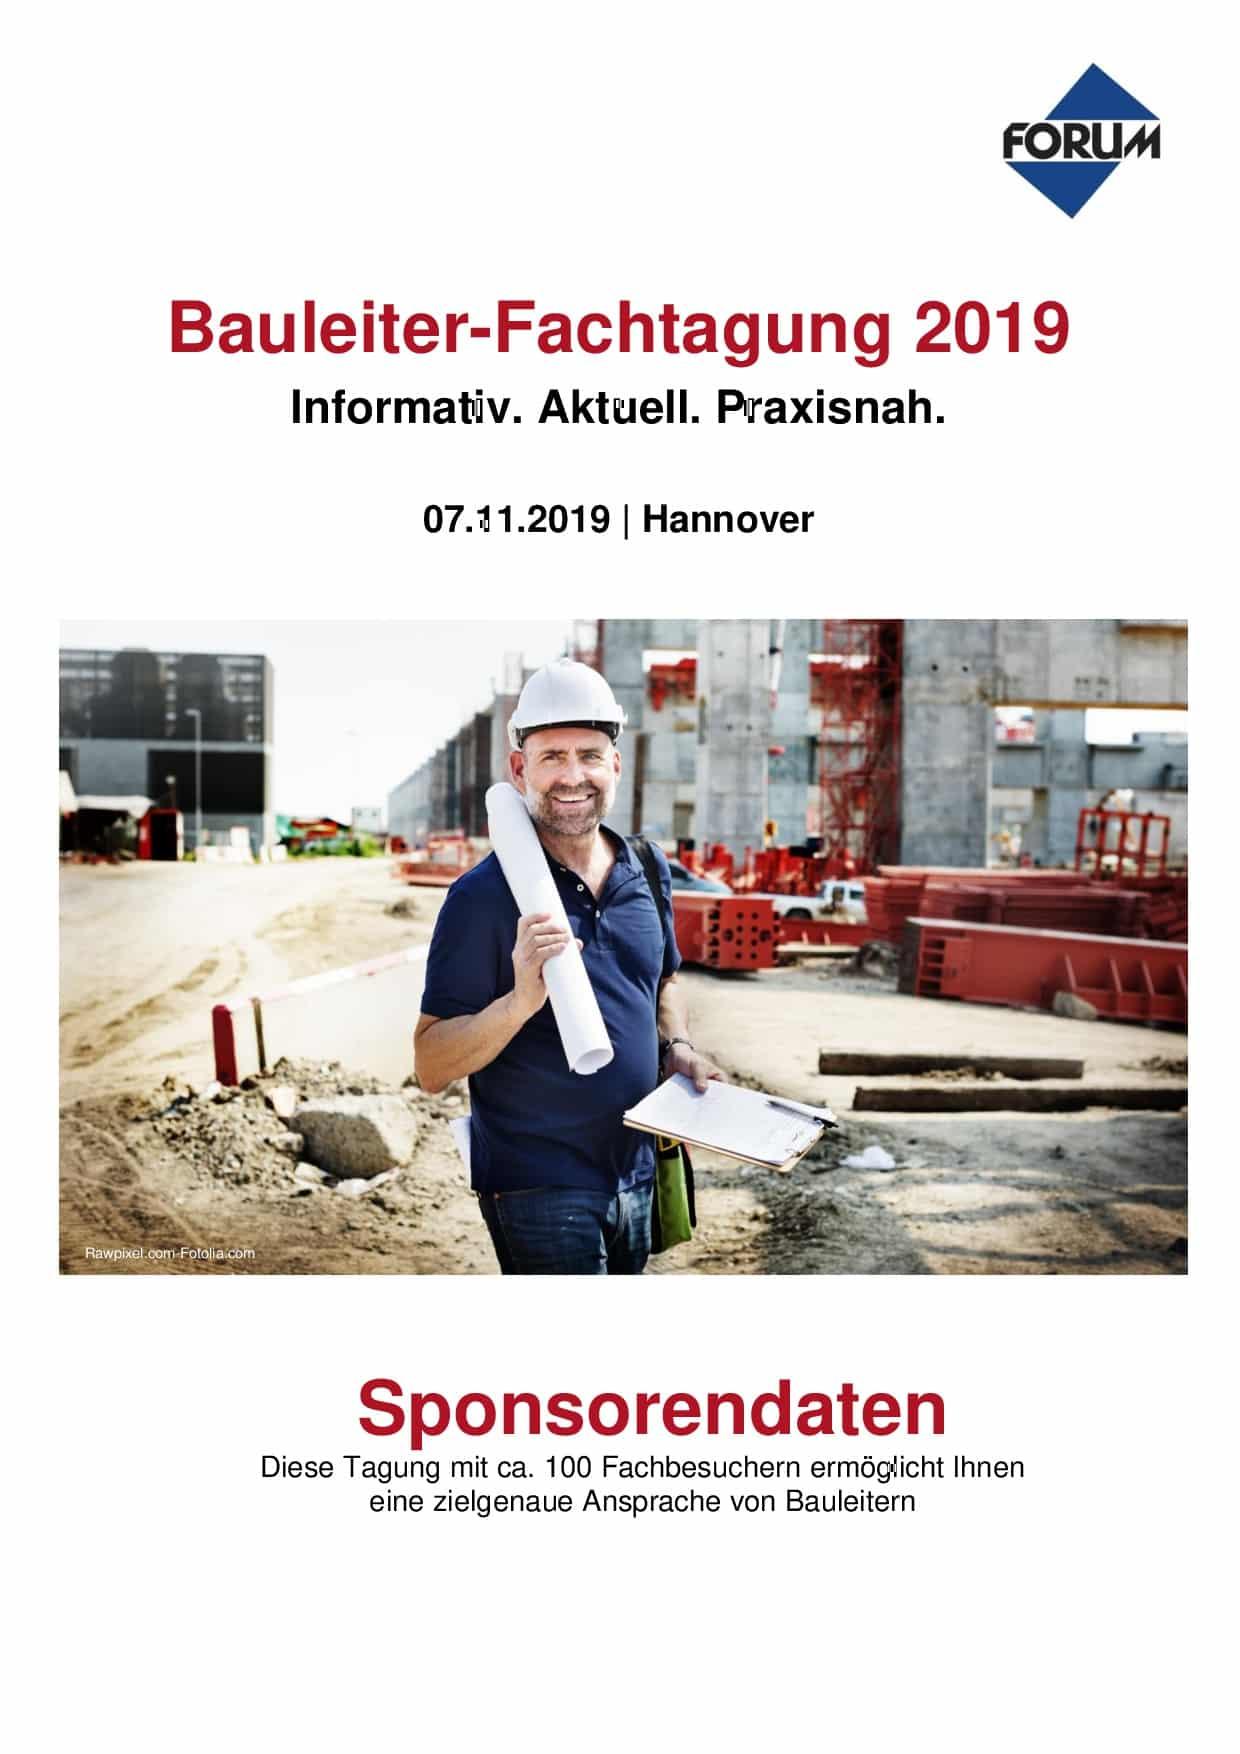 Bauleiter Fachtagung 2019